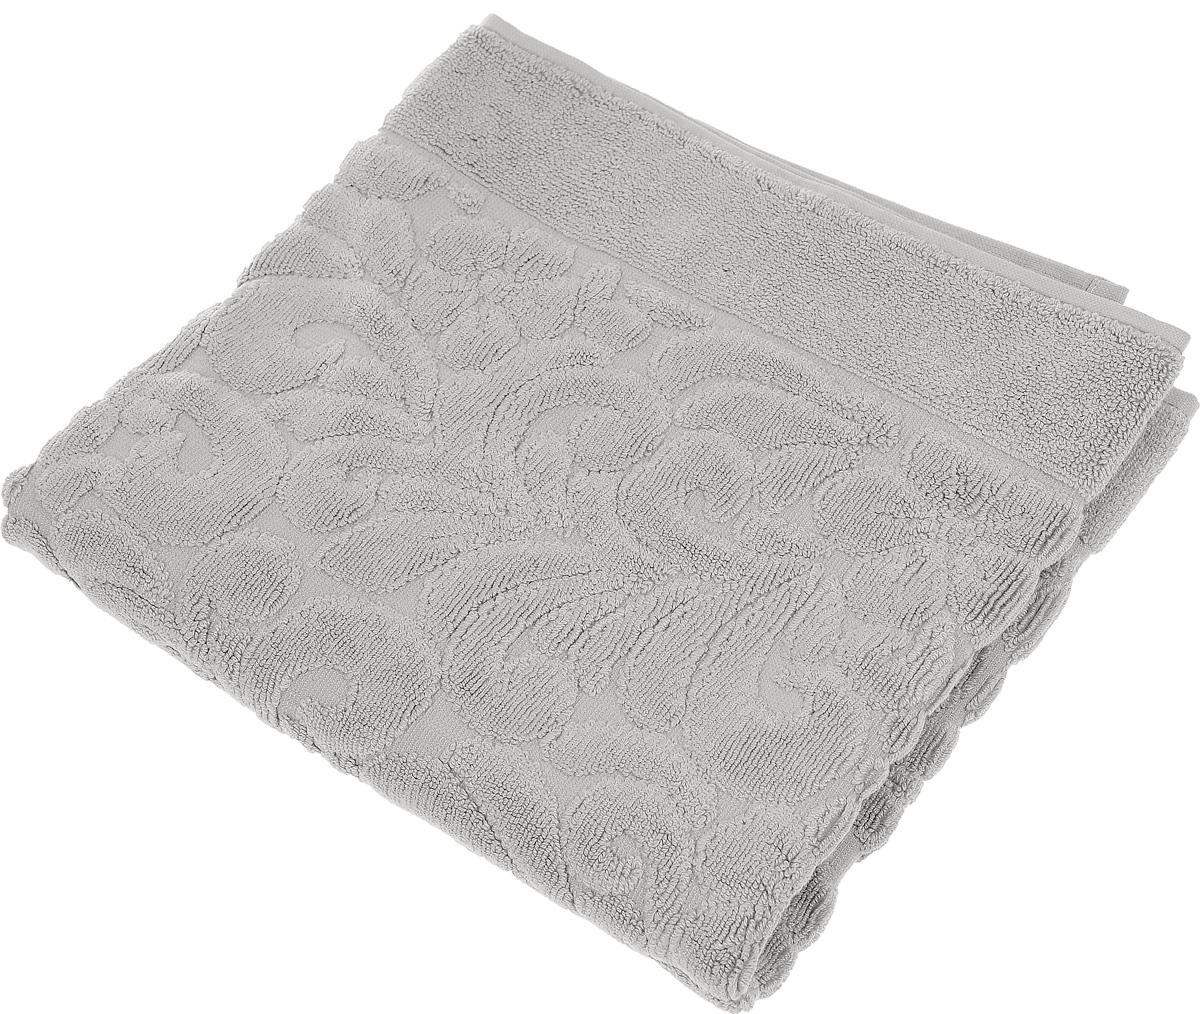 Коврик-полотенце для ванной Issimo Home Valencia, цвет: бежевый, 50 x 80 см531-105Коврик-полотенце для ванной Issimo Home Valencia выполнен из высококачественного хлопка и бамбука. Такое изделие подарит вам массу положительных эмоций и приятных ощущений. Коврик отличается нежностью и мягкостью материала, утонченным дизайном и превосходным качеством. Он прекрасно впитывает влагу, быстро сохнет и не теряет своих свойств после многократных стирок.